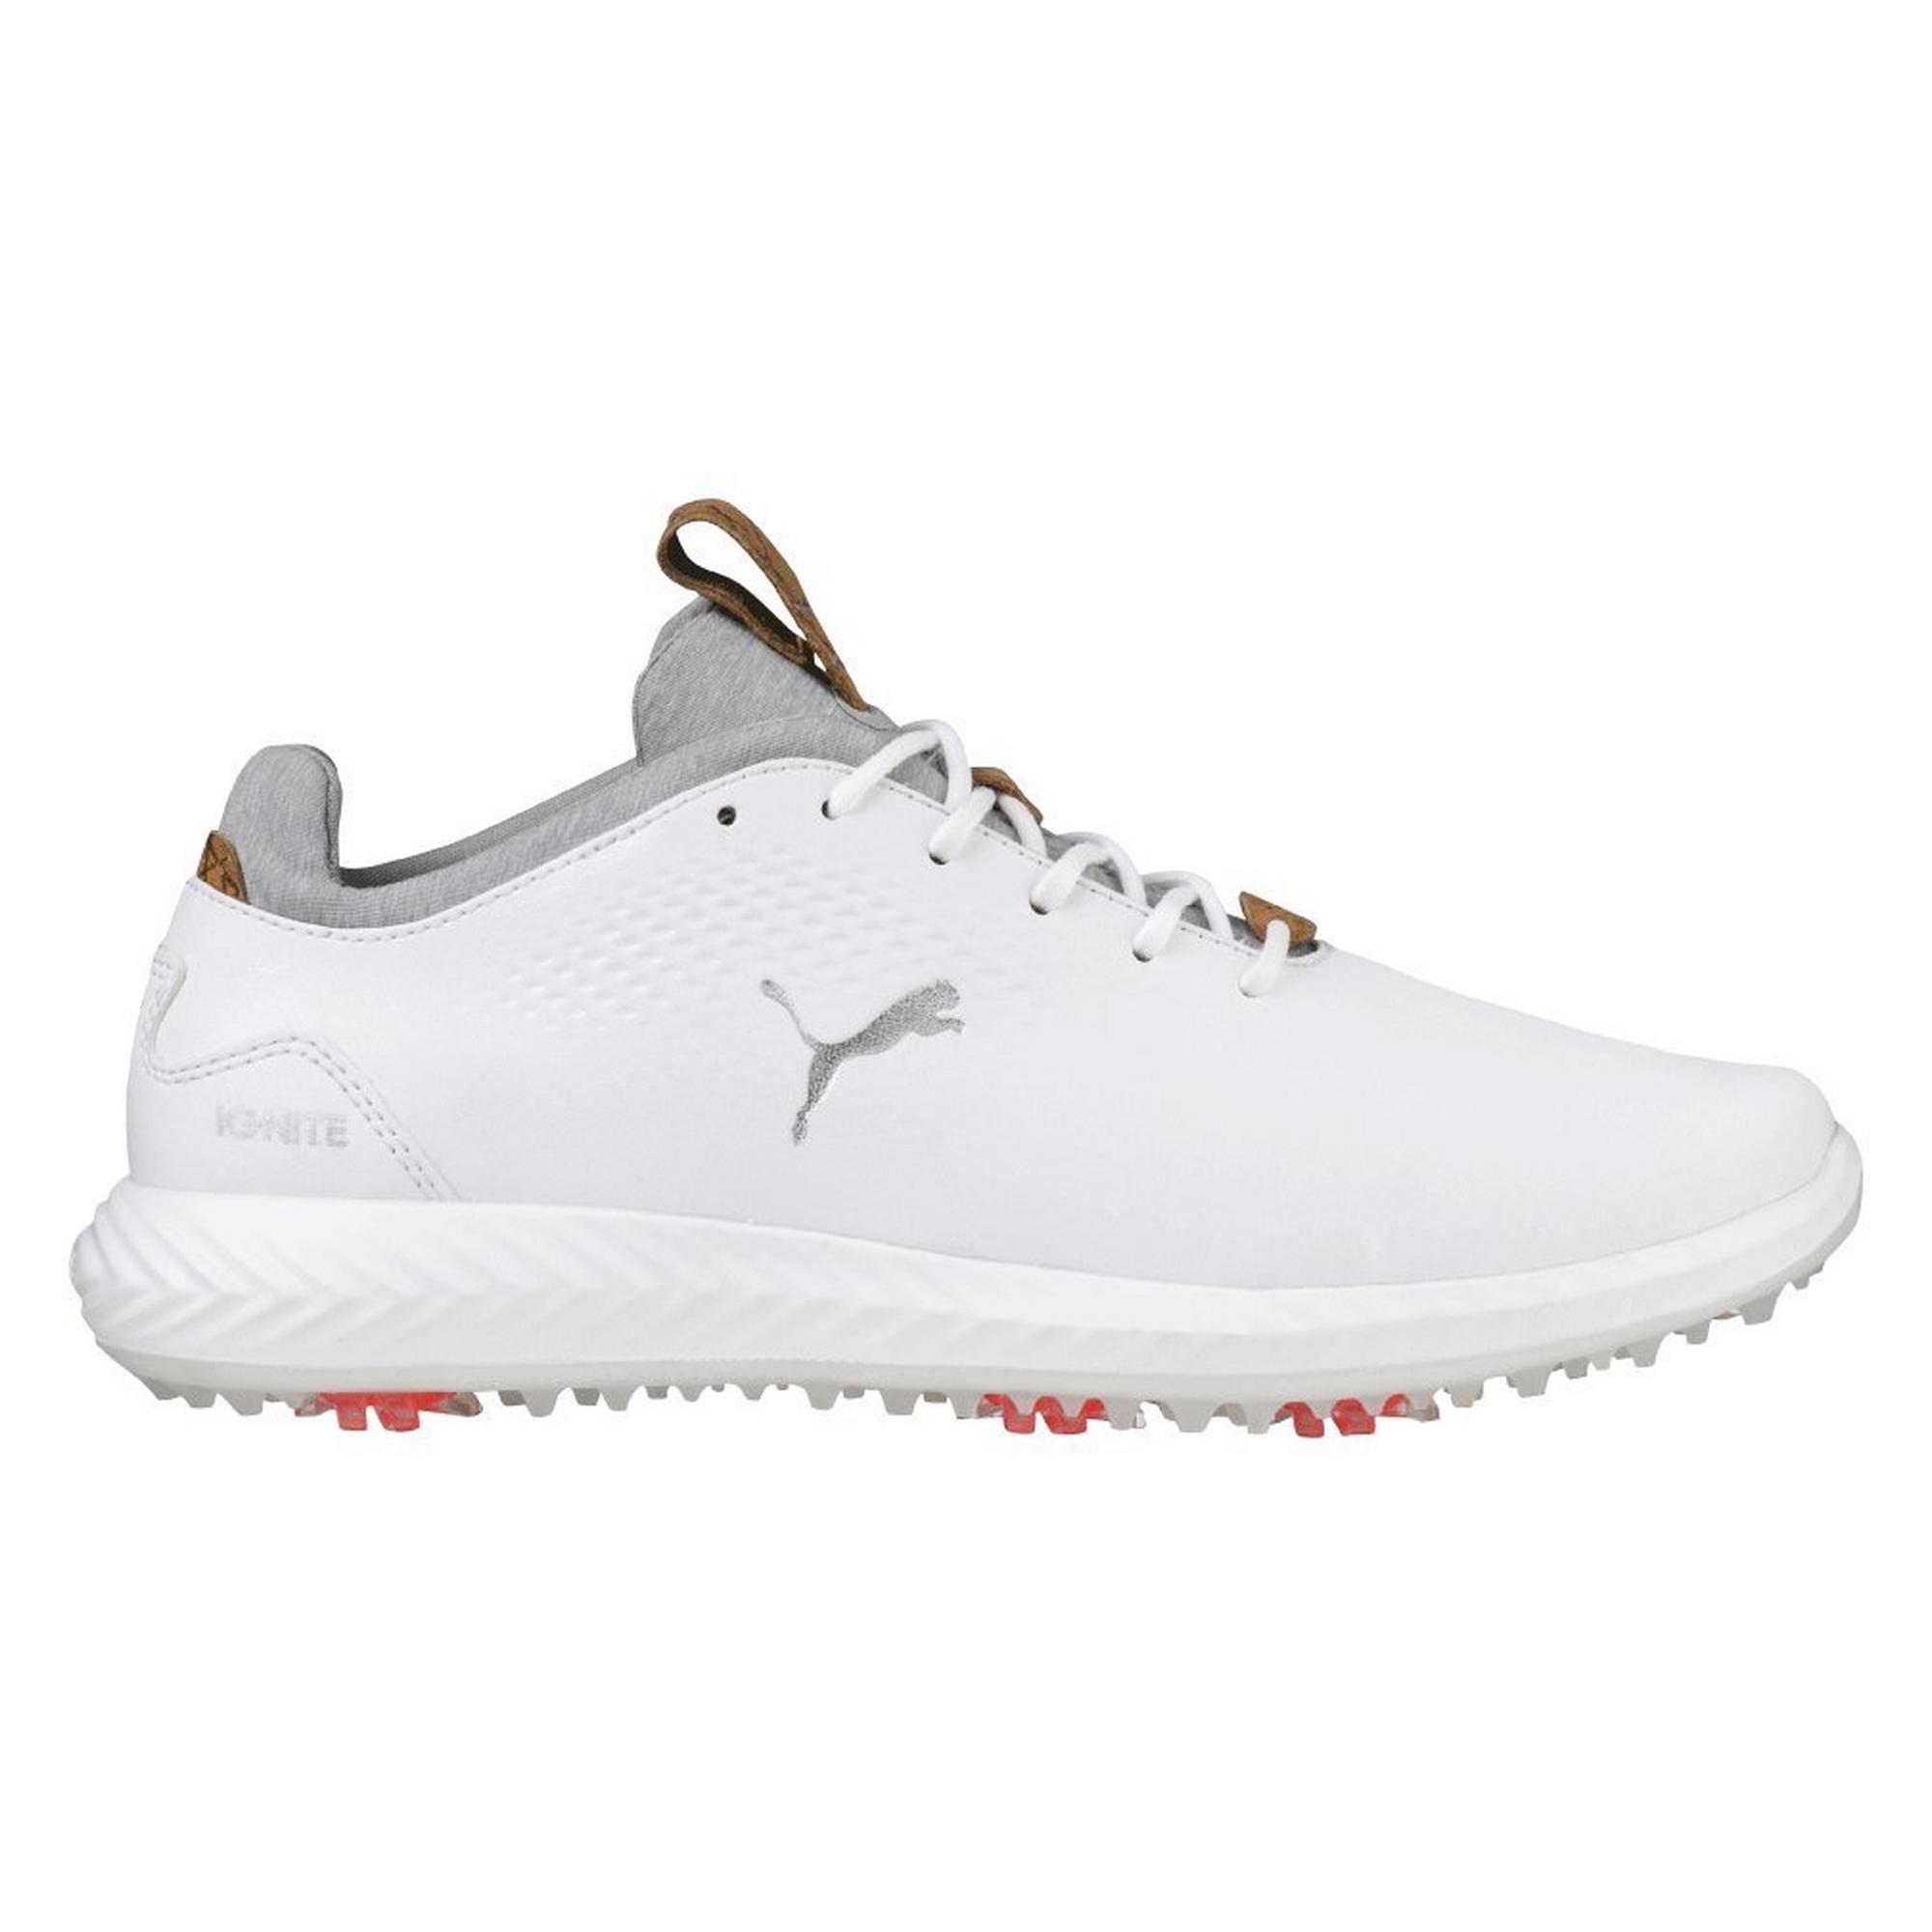 Junior Ignite Poweradapt Spiked Golf Shoe - WHT